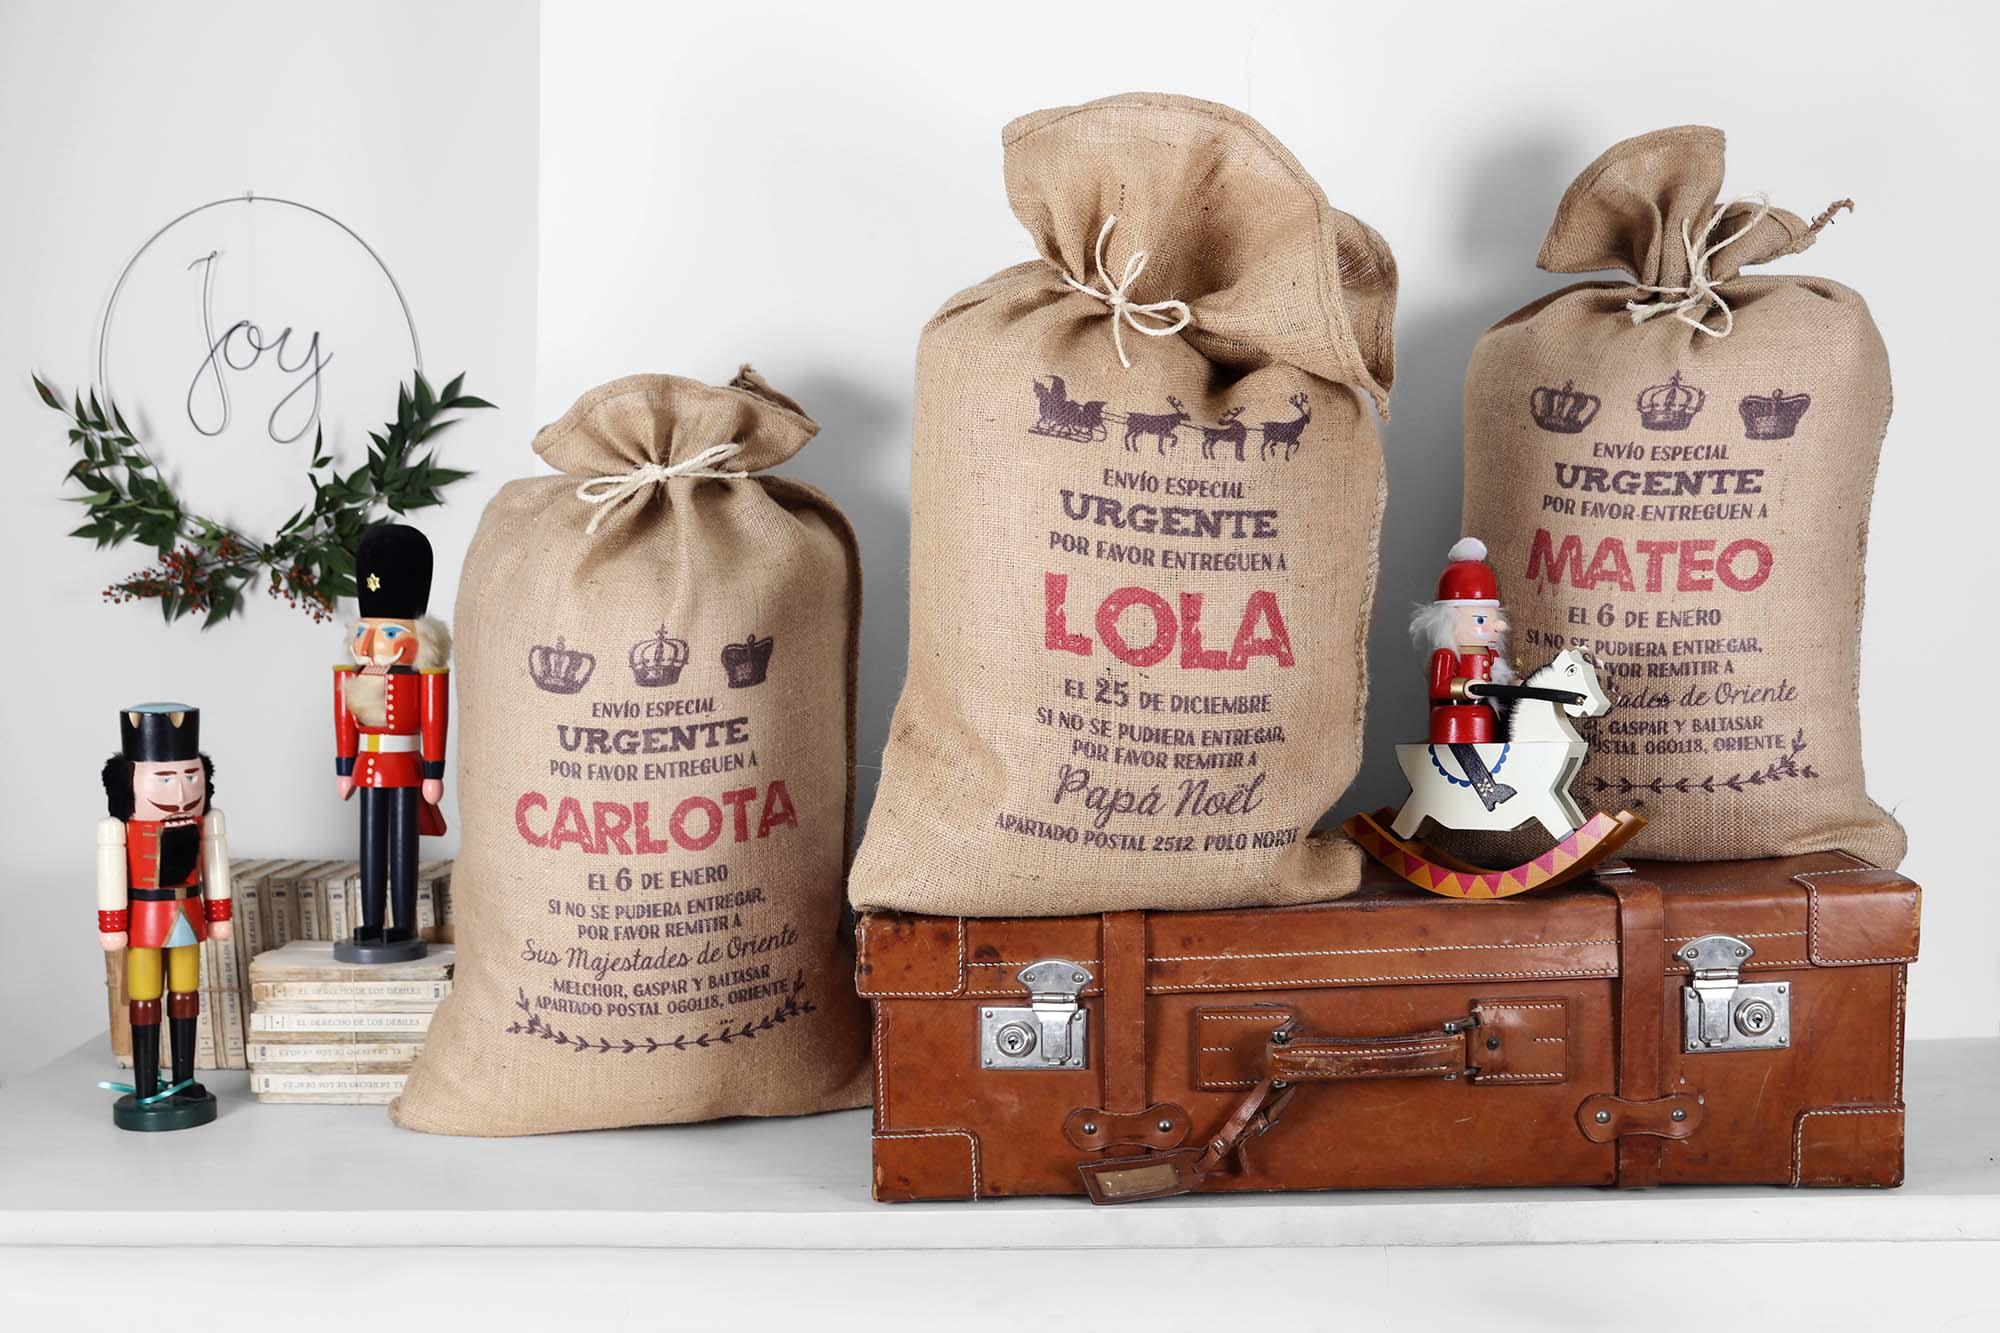 Sacos de xmas bag para una navidad personalizada decopeques - Regalos de muebles gratis ...